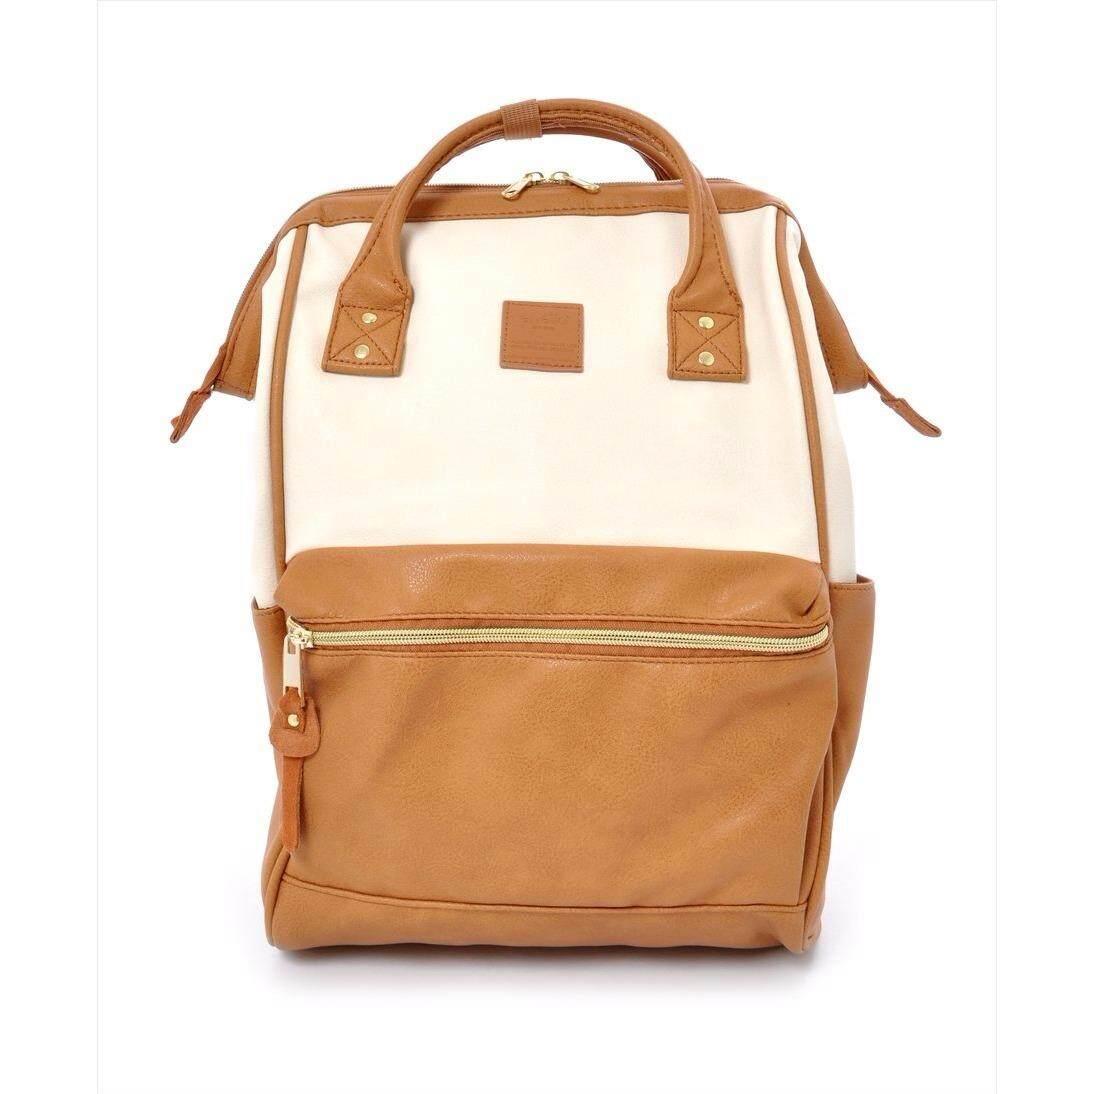 ขาย กระเป๋าเป้ Japan Imported Anello ของแท้ 100 Pu Backpack Rucksack Ivory Camel Beige ราคาถูกที่สุด